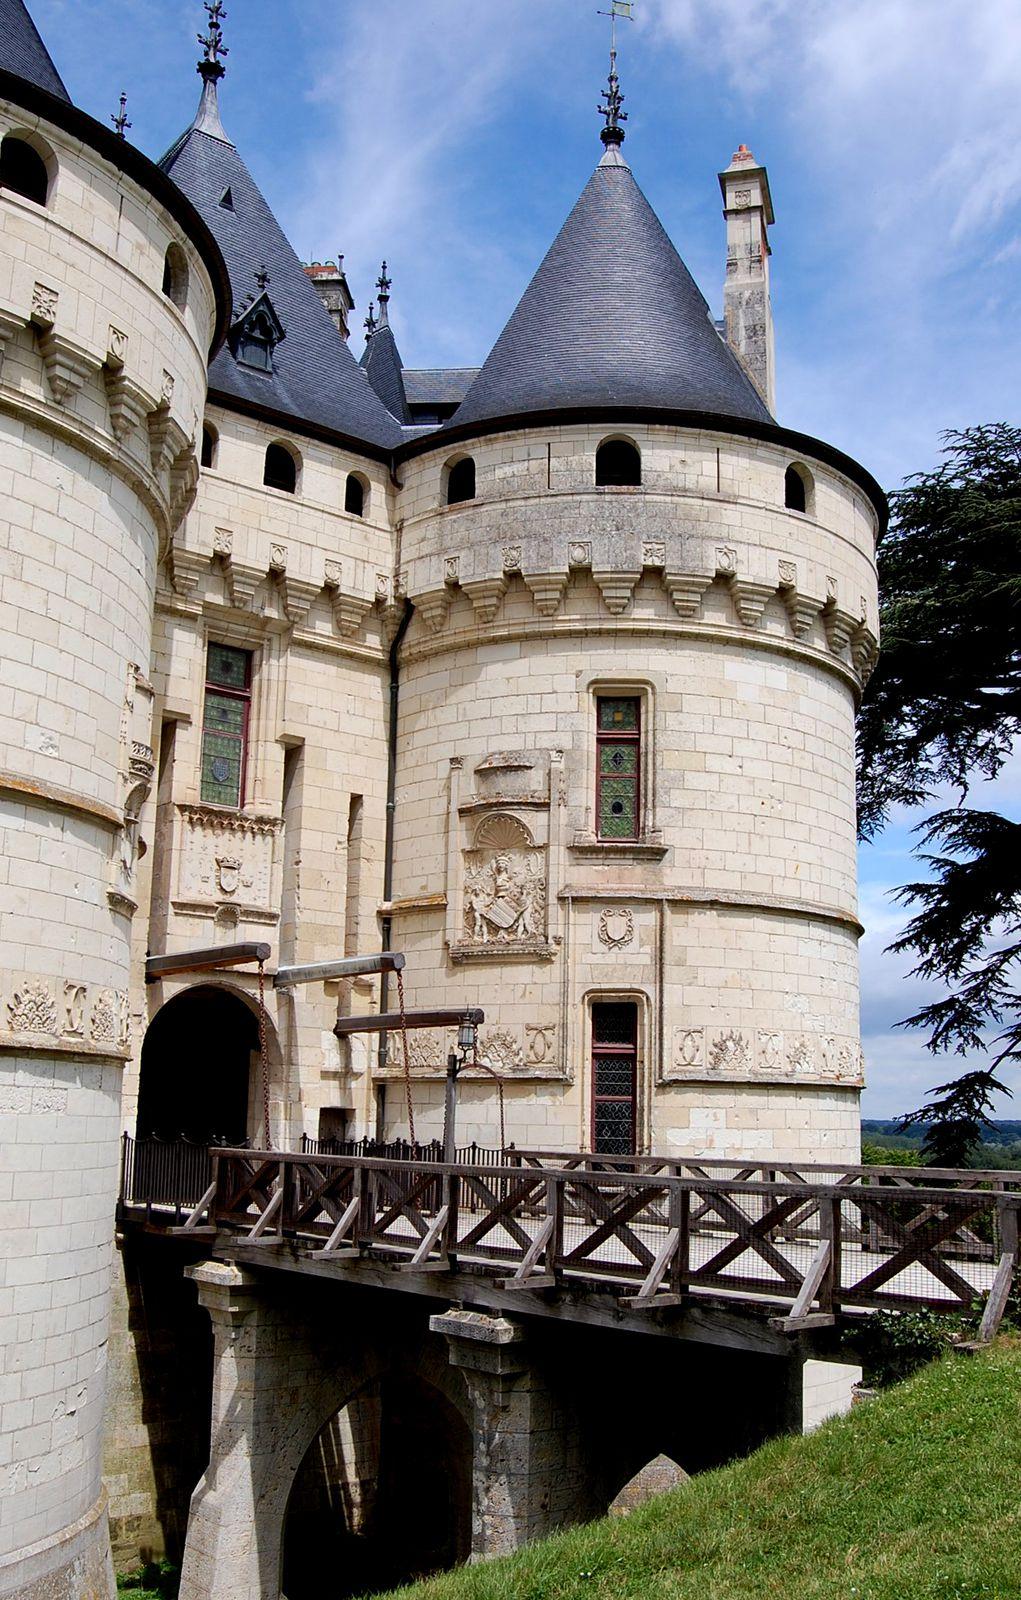 France - Château de Chaumont sur Loire - Photo: Lankaart (c)